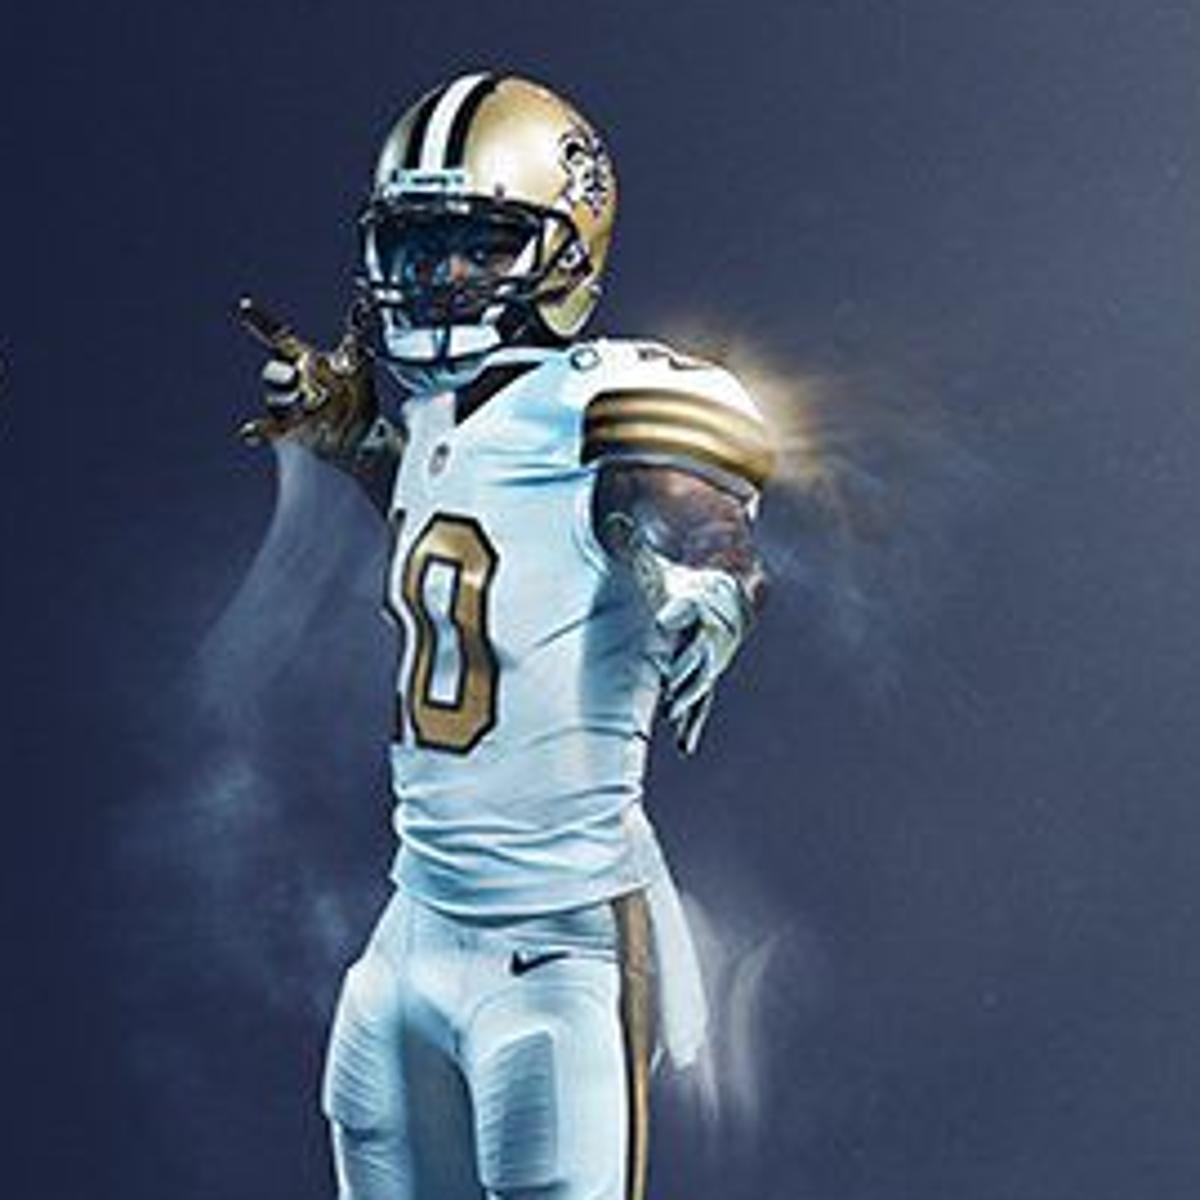 new style 748d5 0e75d New Orleans Saints unveil all-white uniforms for NFL's Color ...